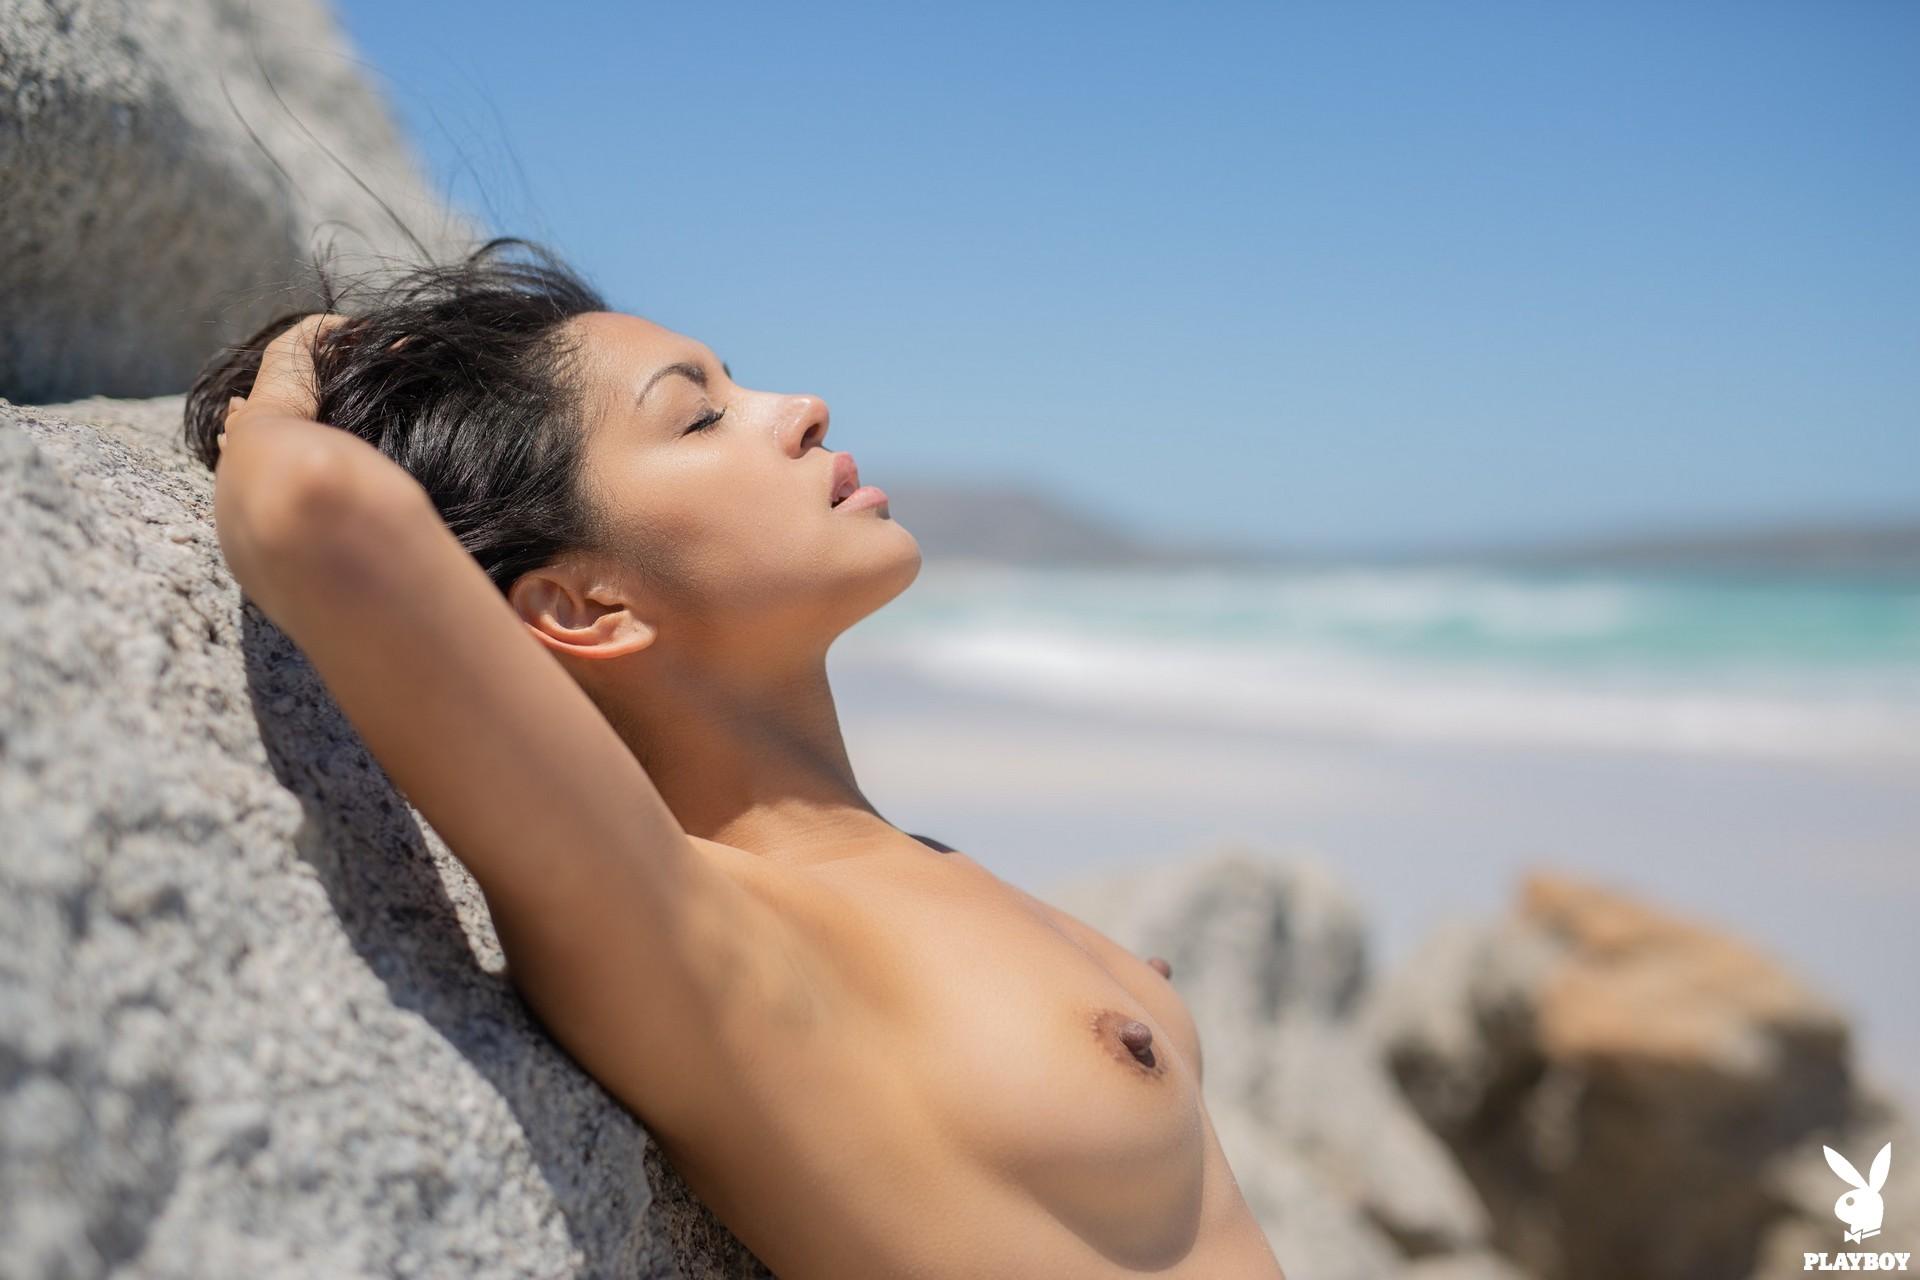 Chloe Rose in Windswept - Playboy Plus 40